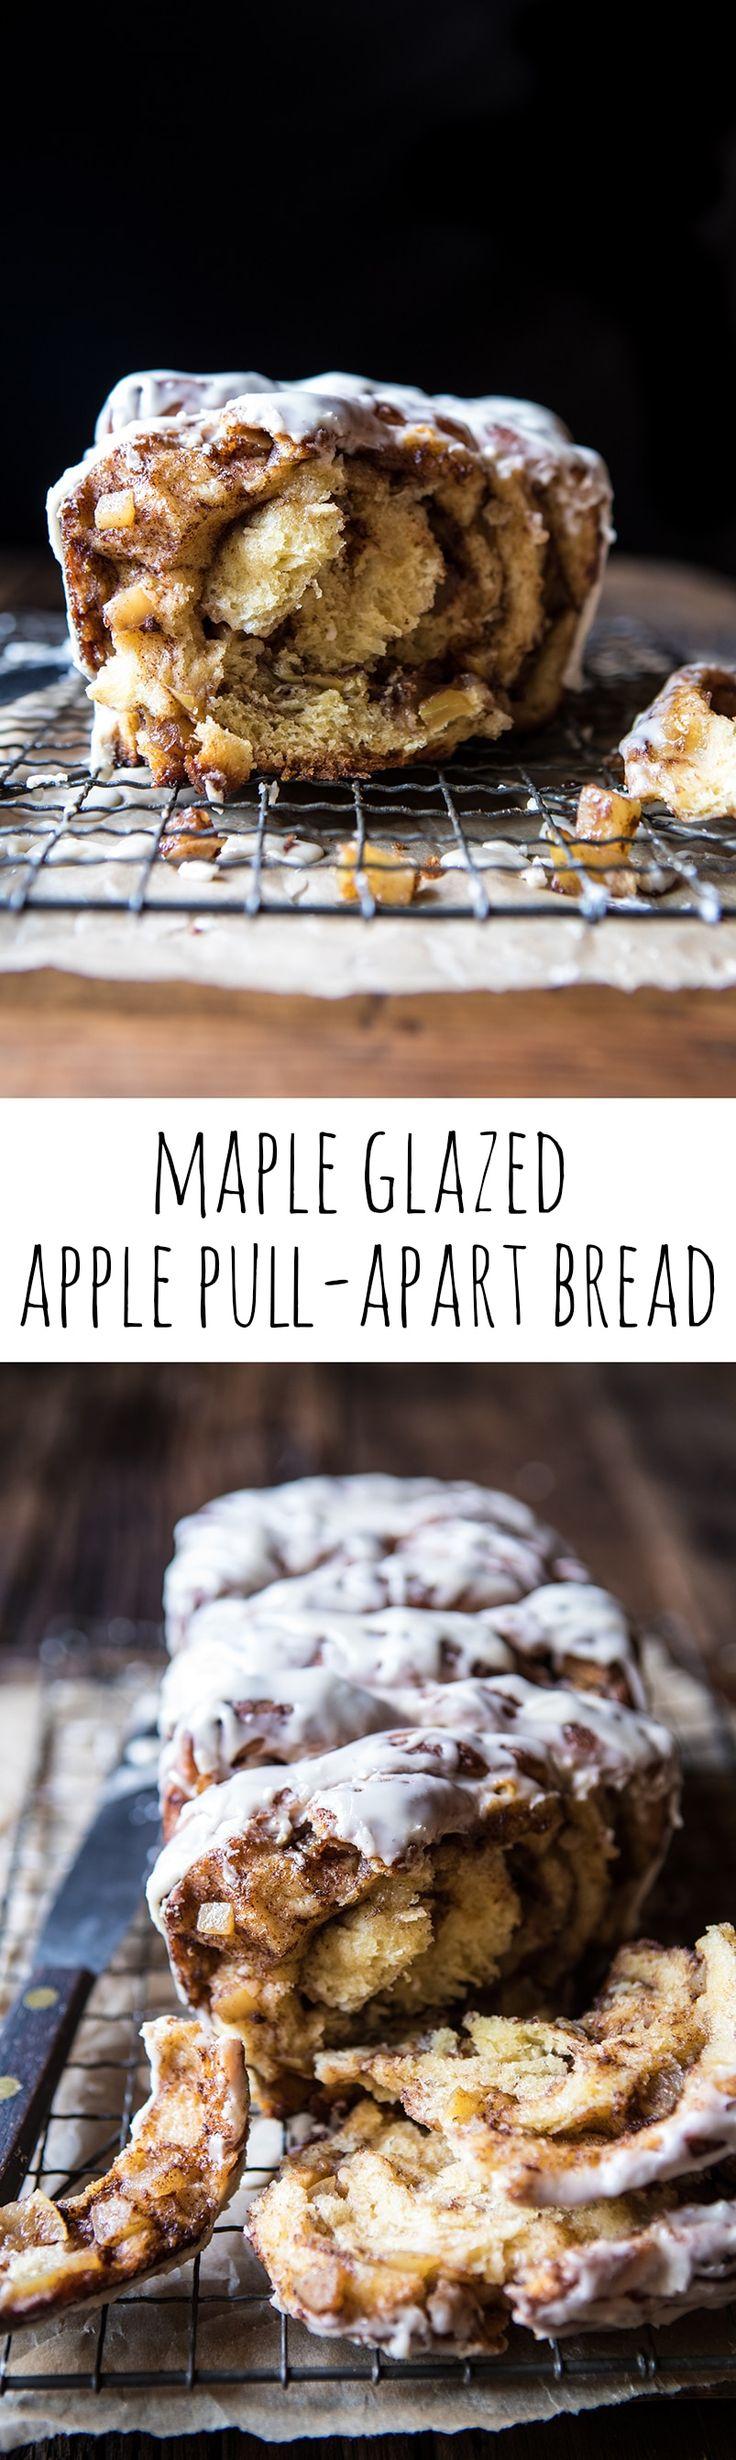 Maple Glazed Apple Pull-Apart Bread | halfbakedharvest.com @hbharvest